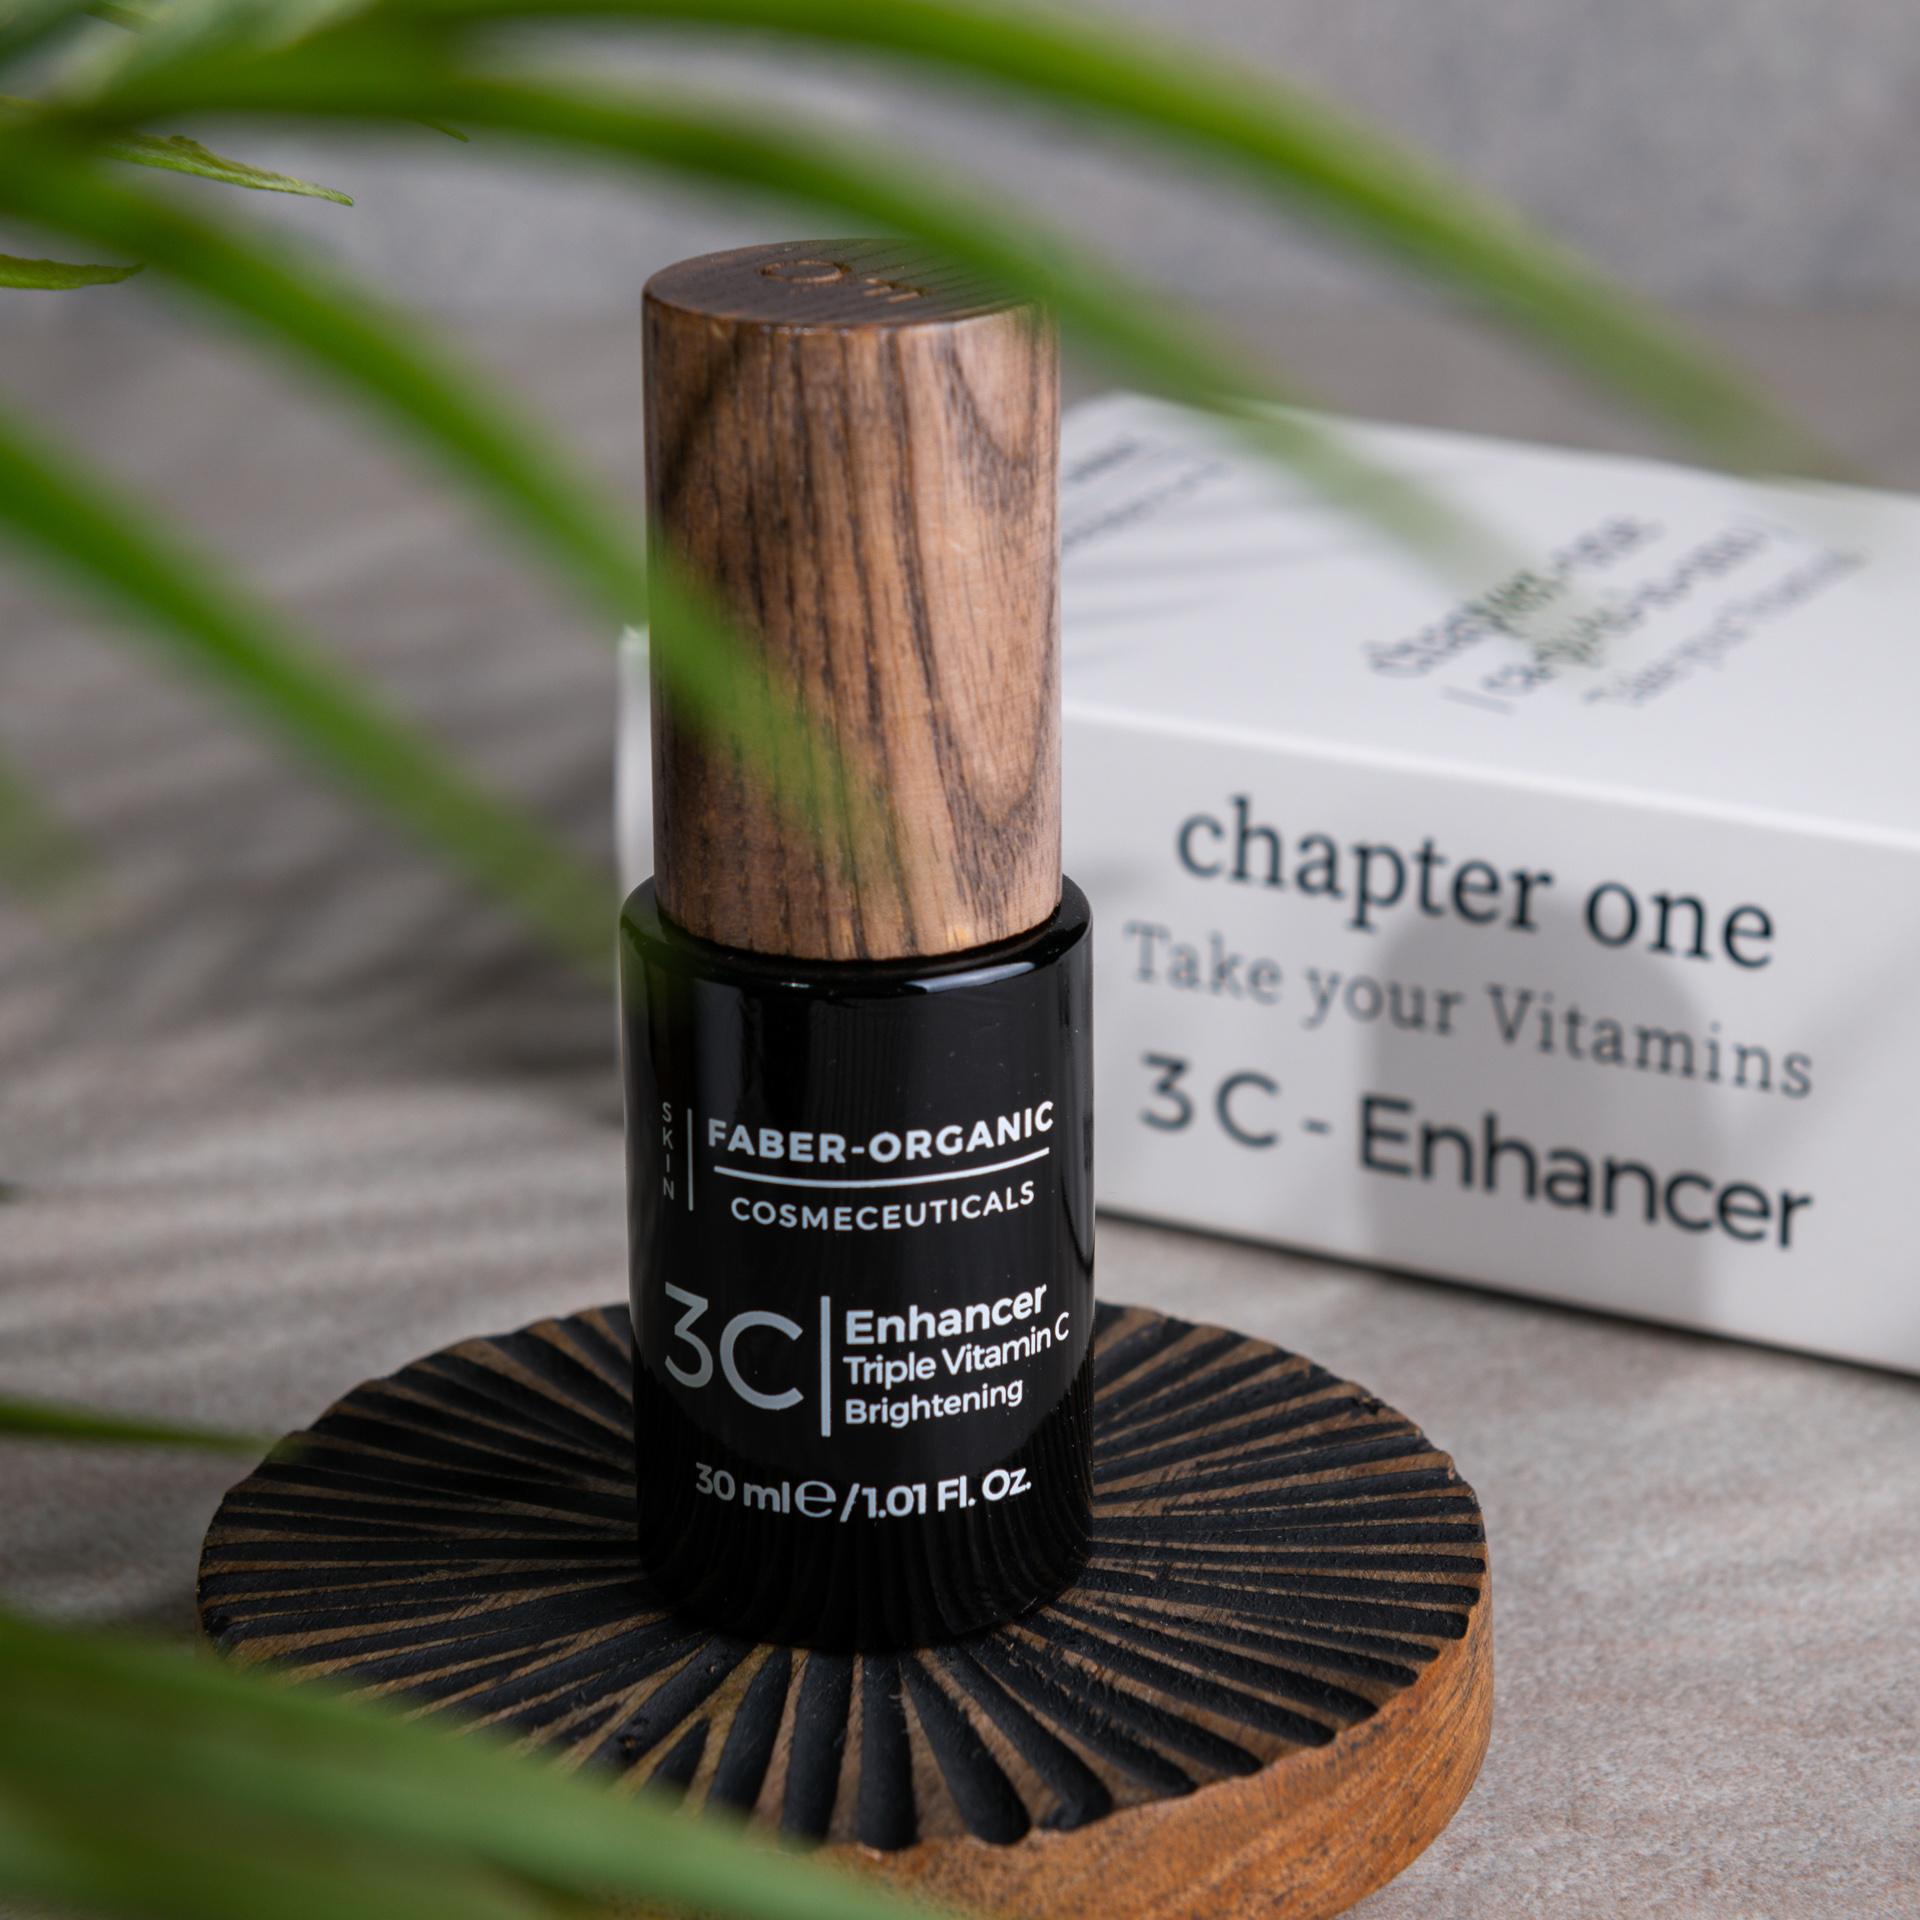 3C Enhancer - Triple Vitamin C